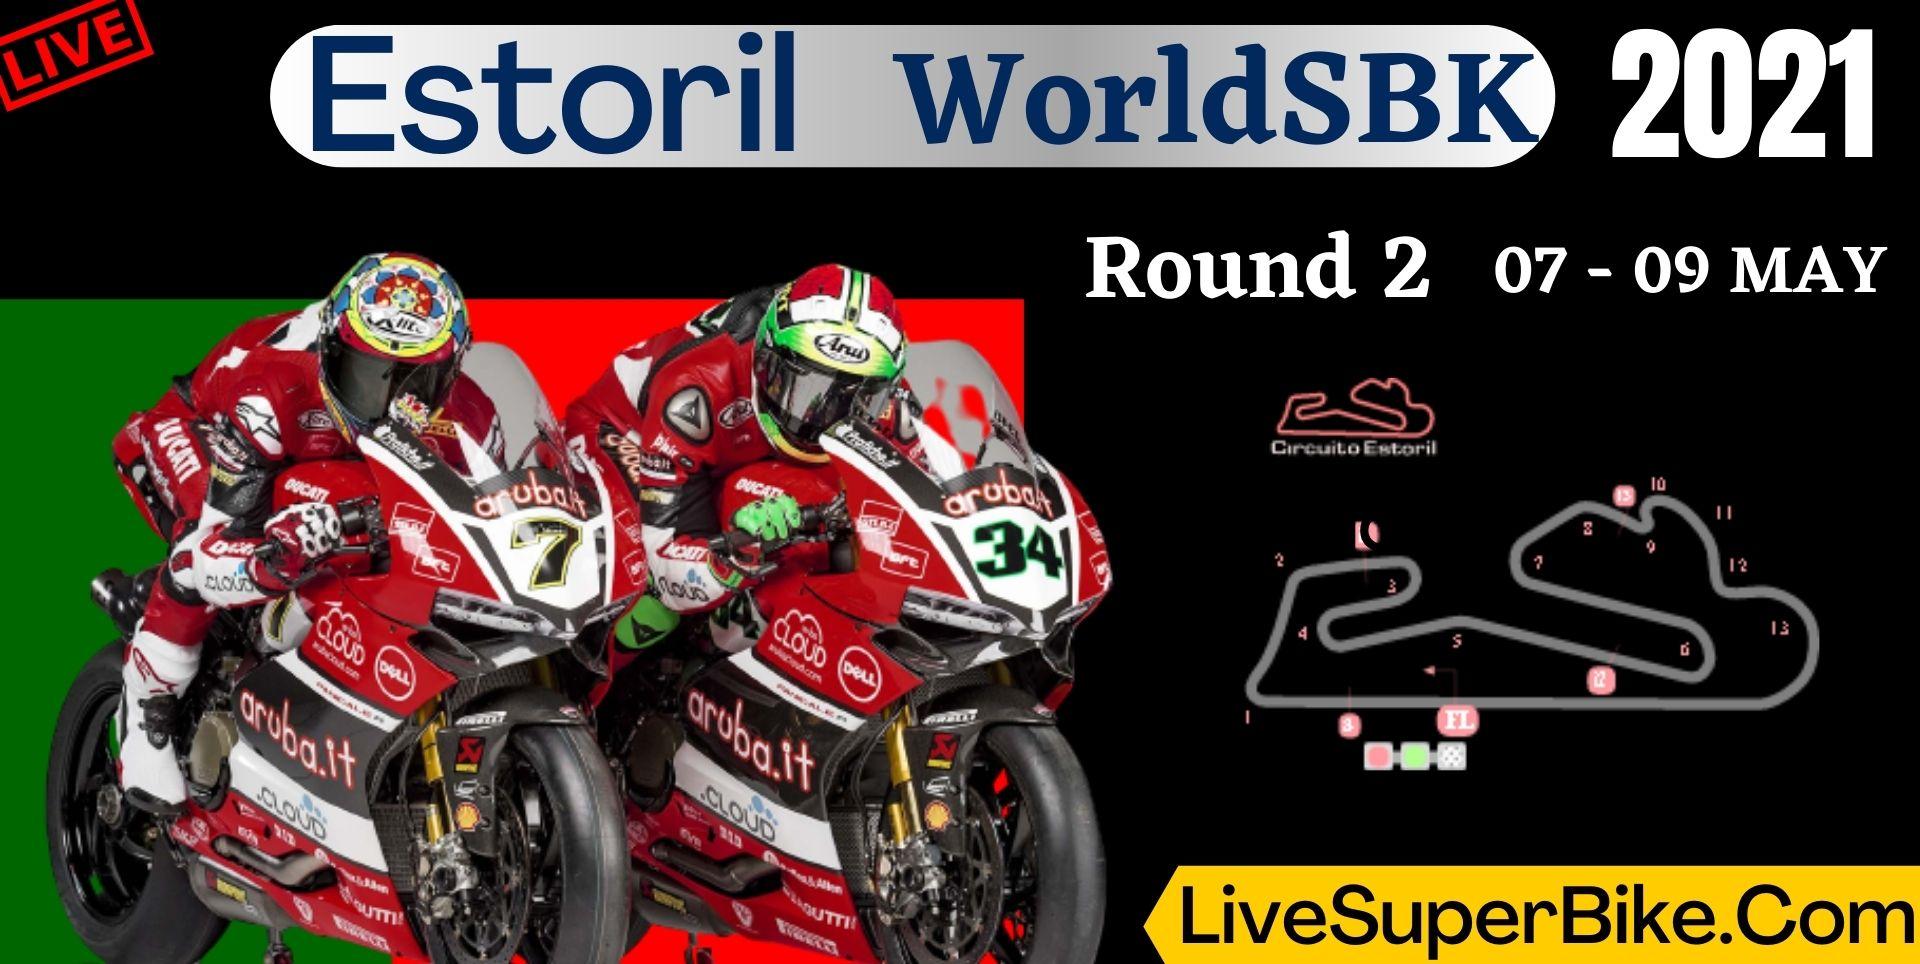 Estoril Round 2 Live Stream 2021 | WorldSBK